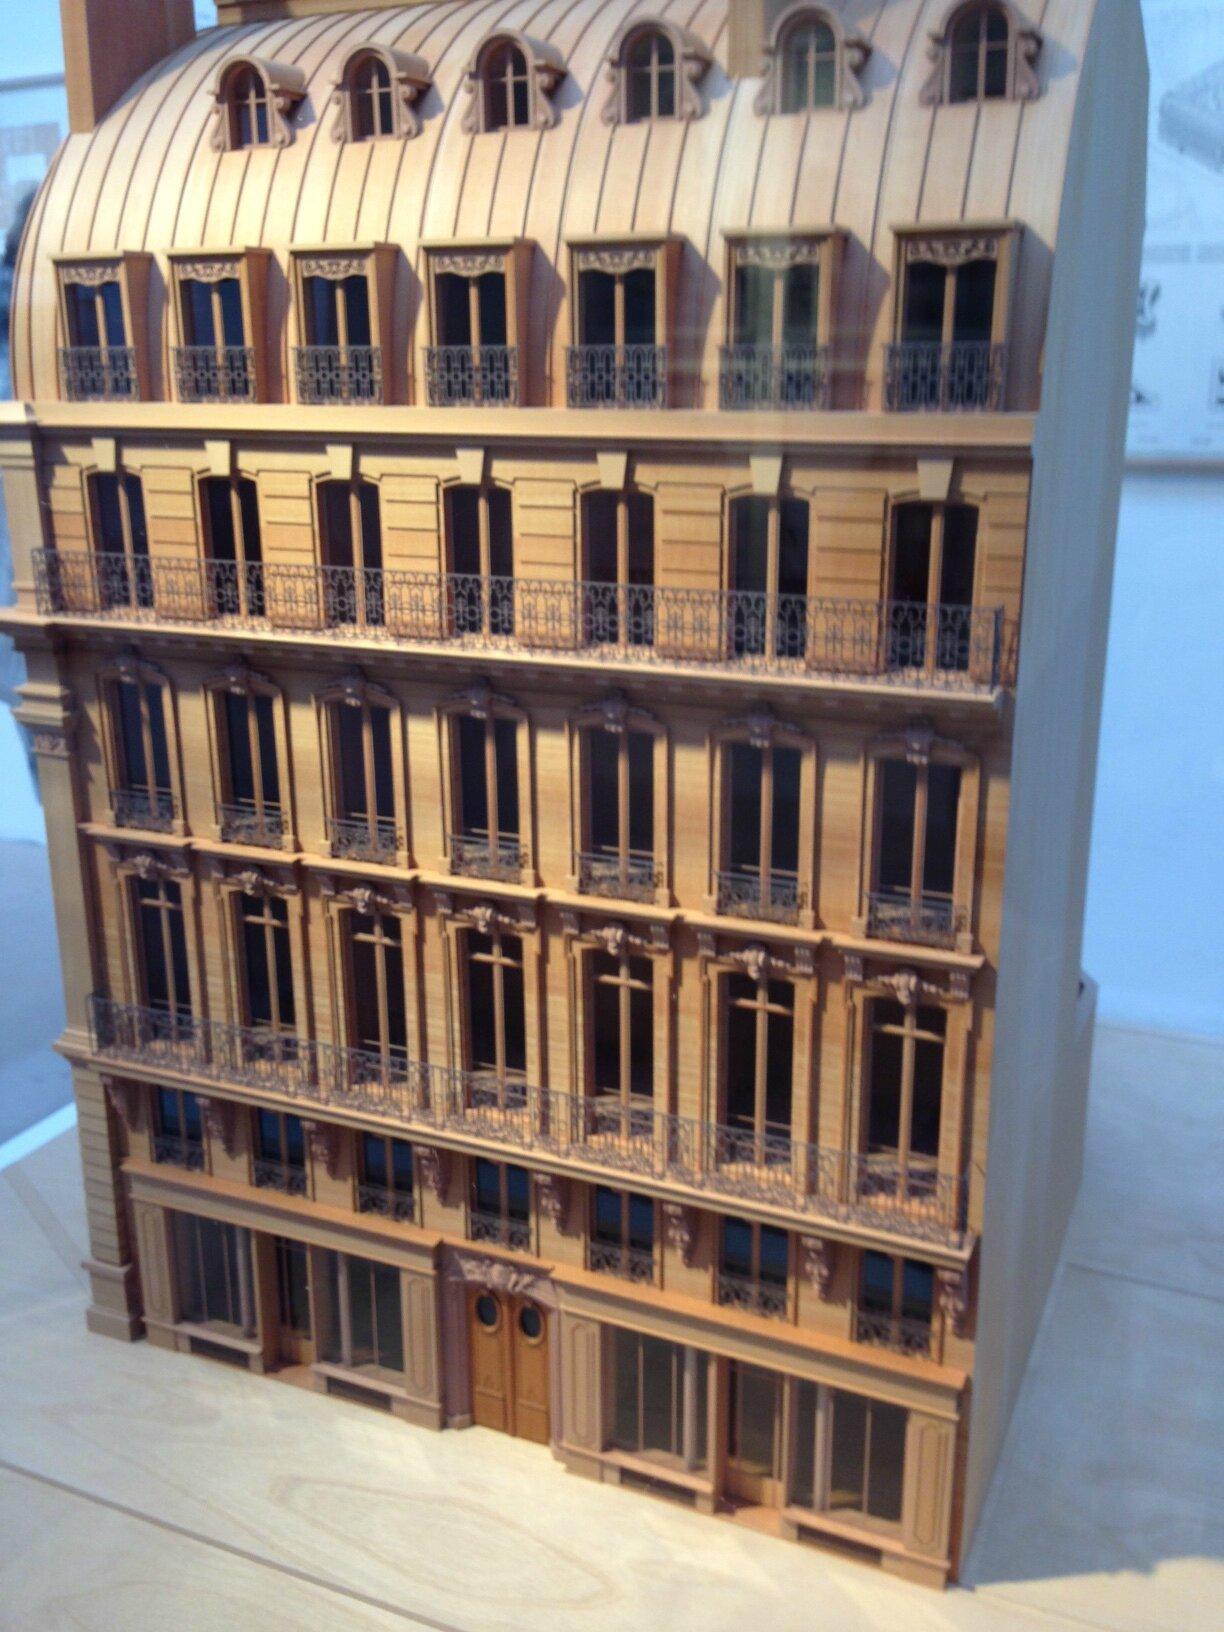 Caracteristique D Un Immeuble Haussmannien paris-haussmann, modèle de ville - exposition au pavillon de